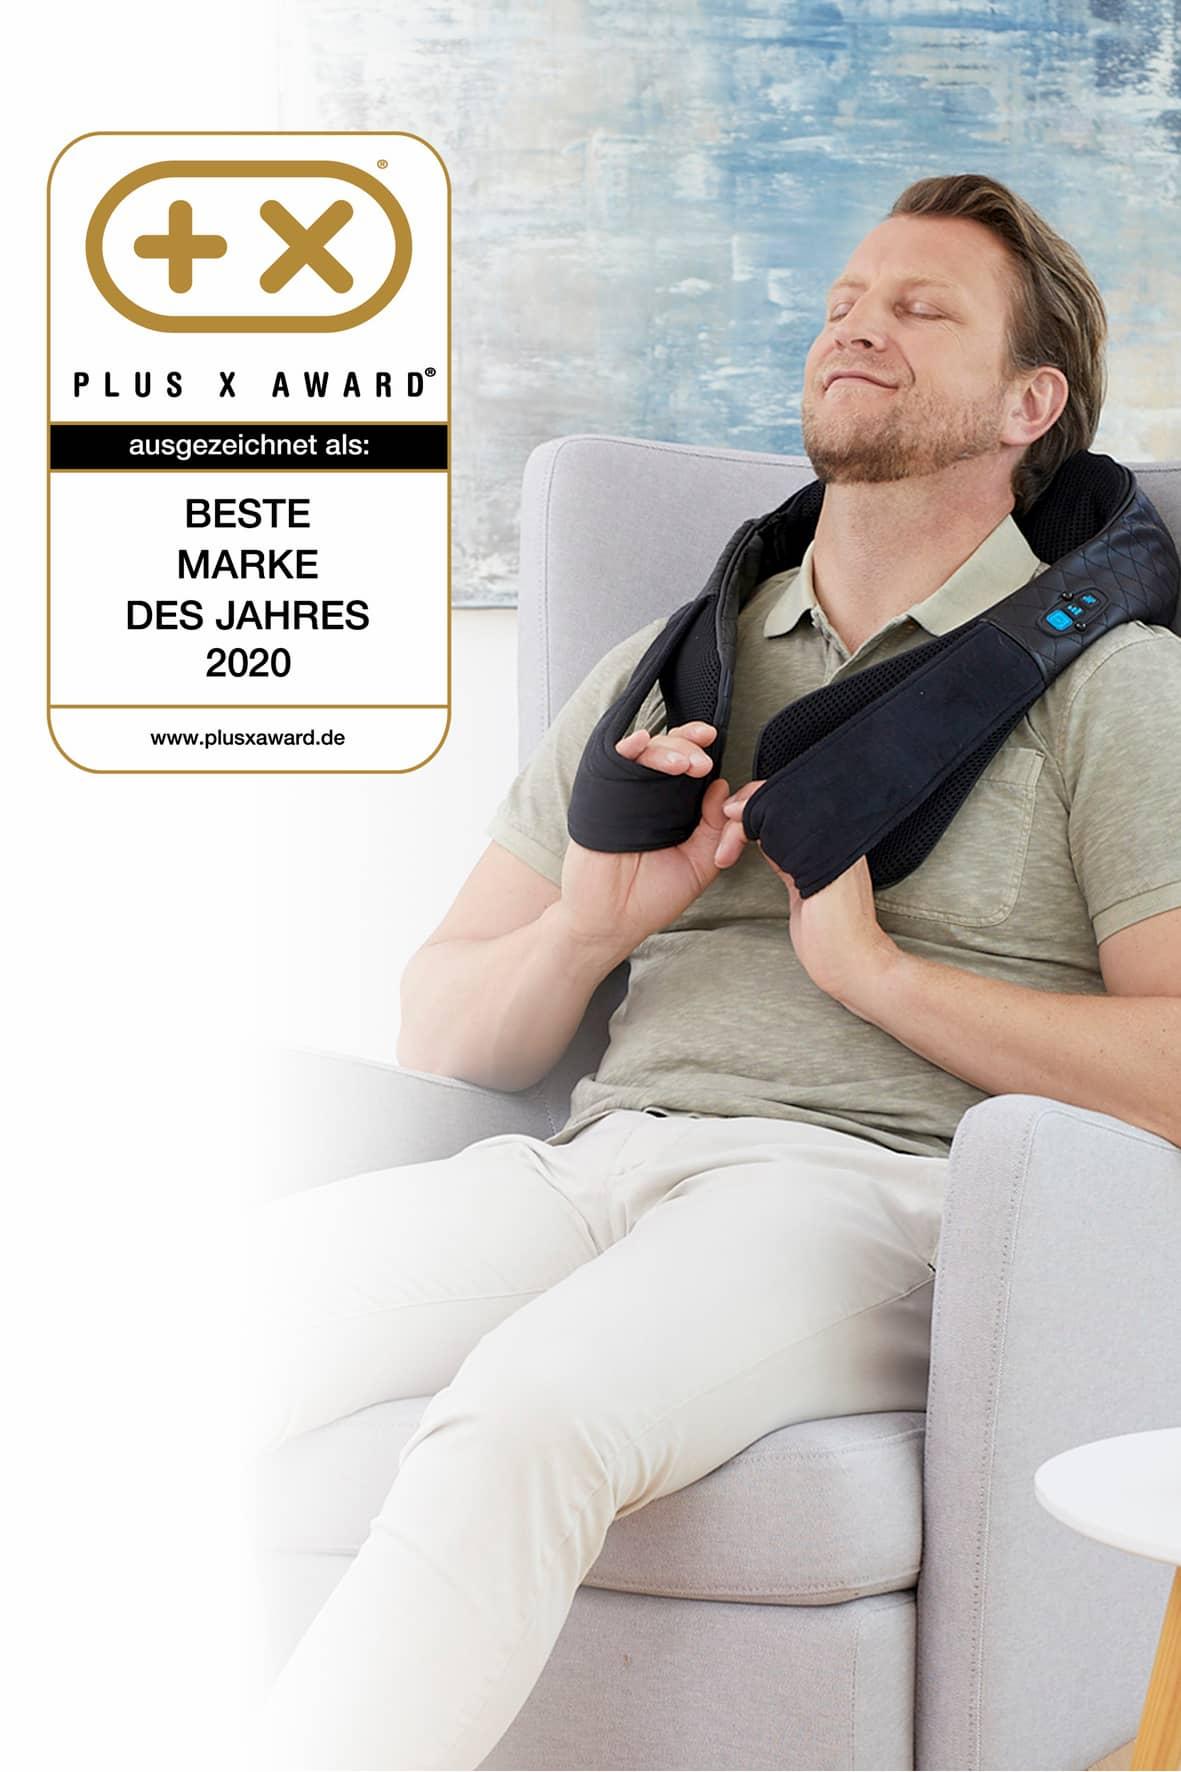 """Medisana: Ausgezeichnet als """"Beste Marke des Jahres 2020"""" im Bereich Massage."""